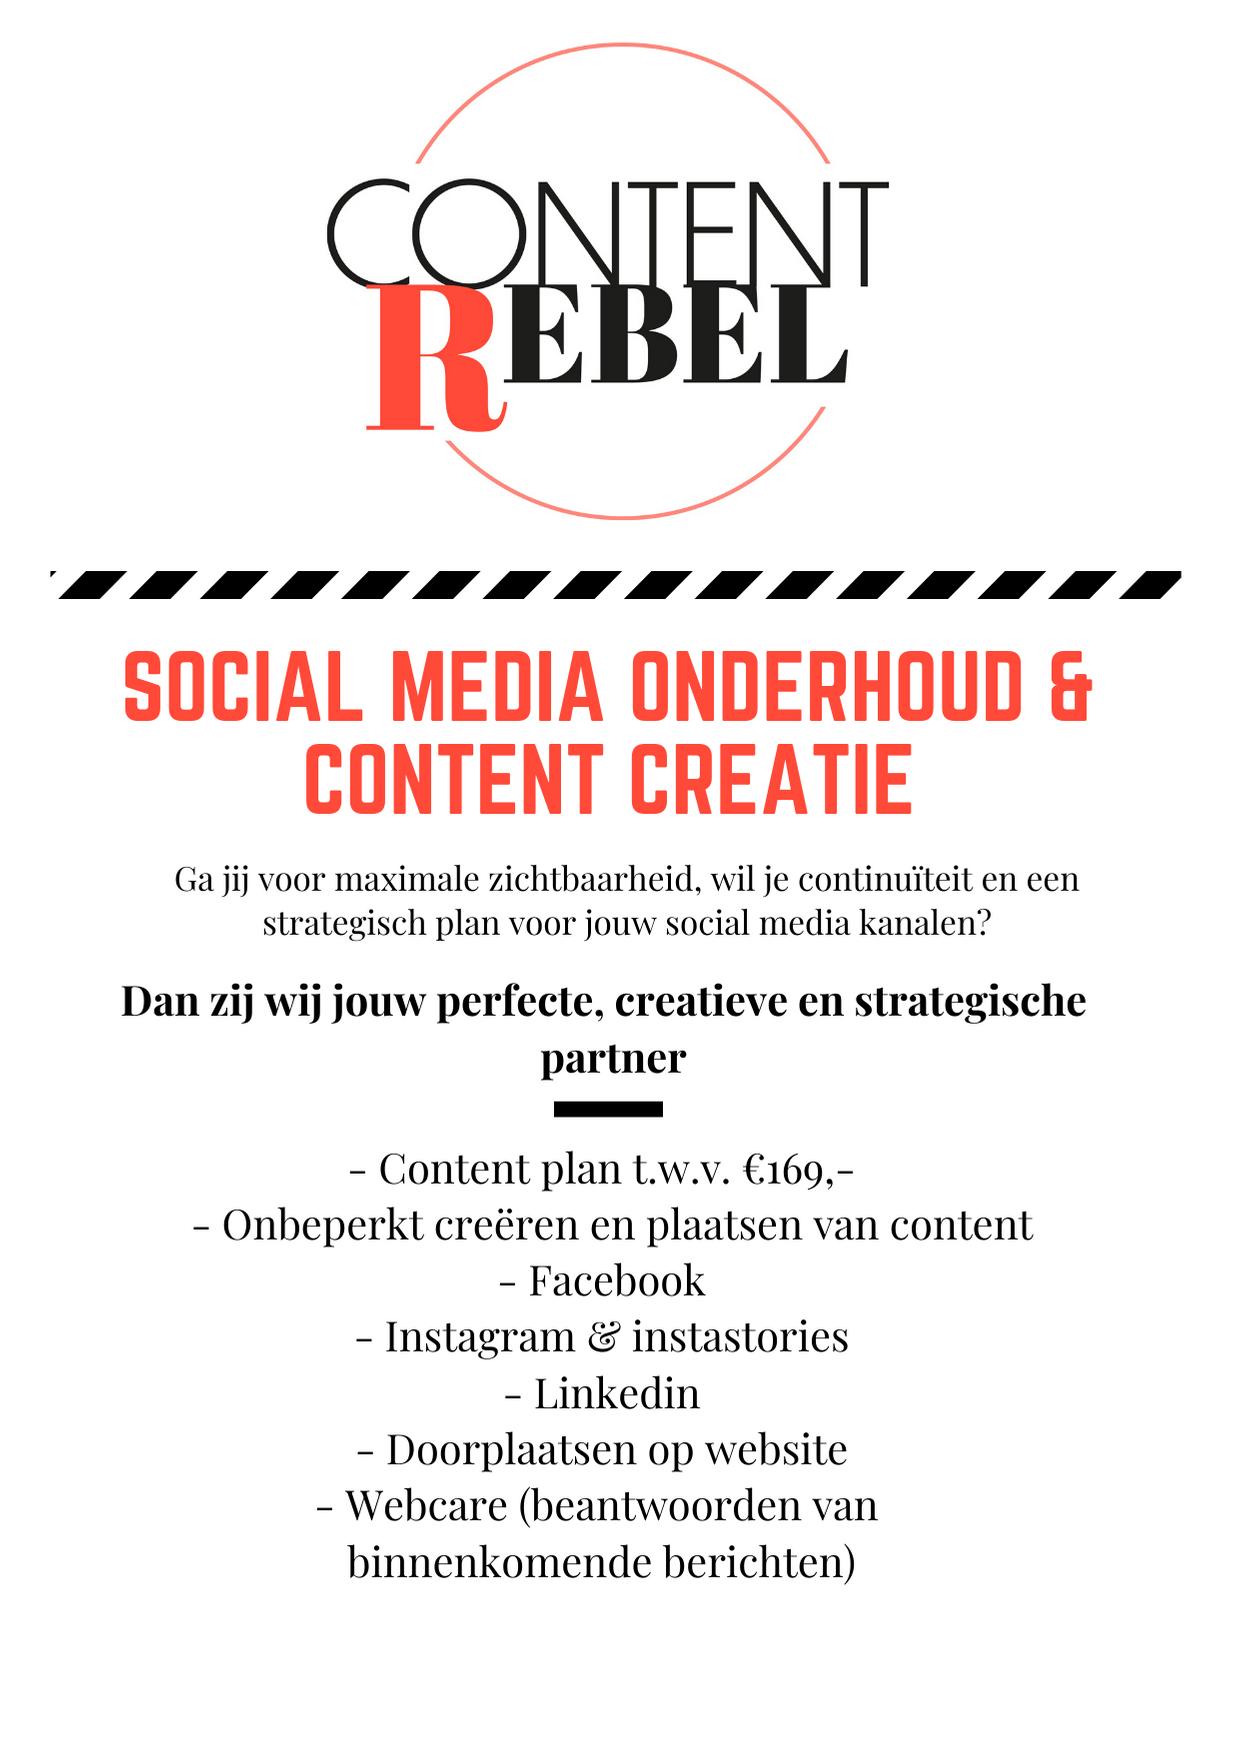 www.contentrebel.nl